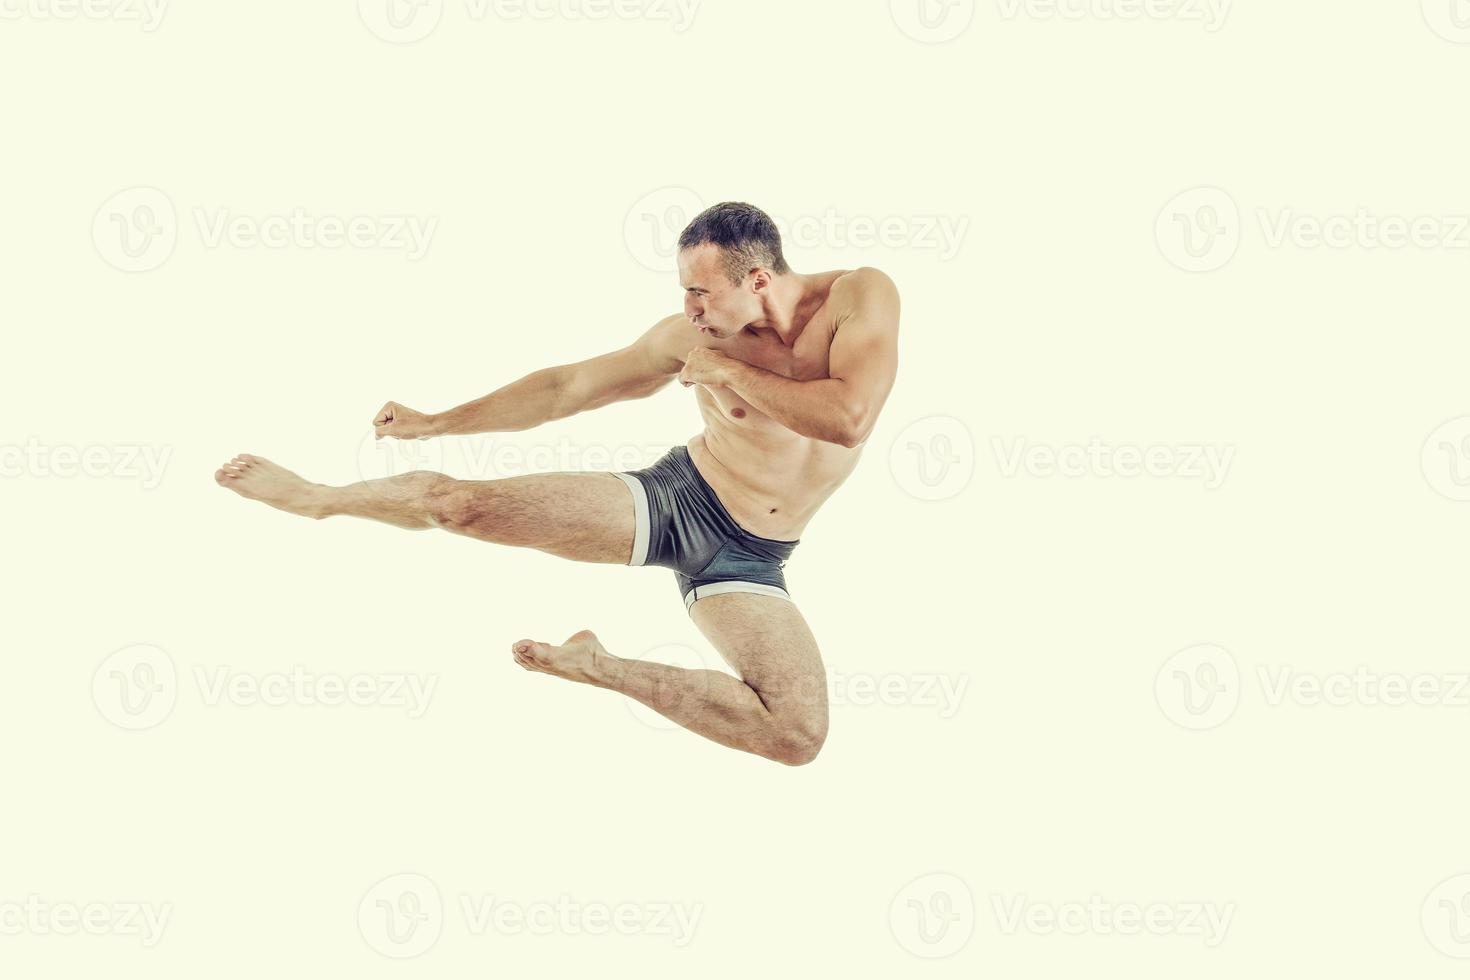 um homem caucasiano, exercitando boxe pulando no ar chutando foto